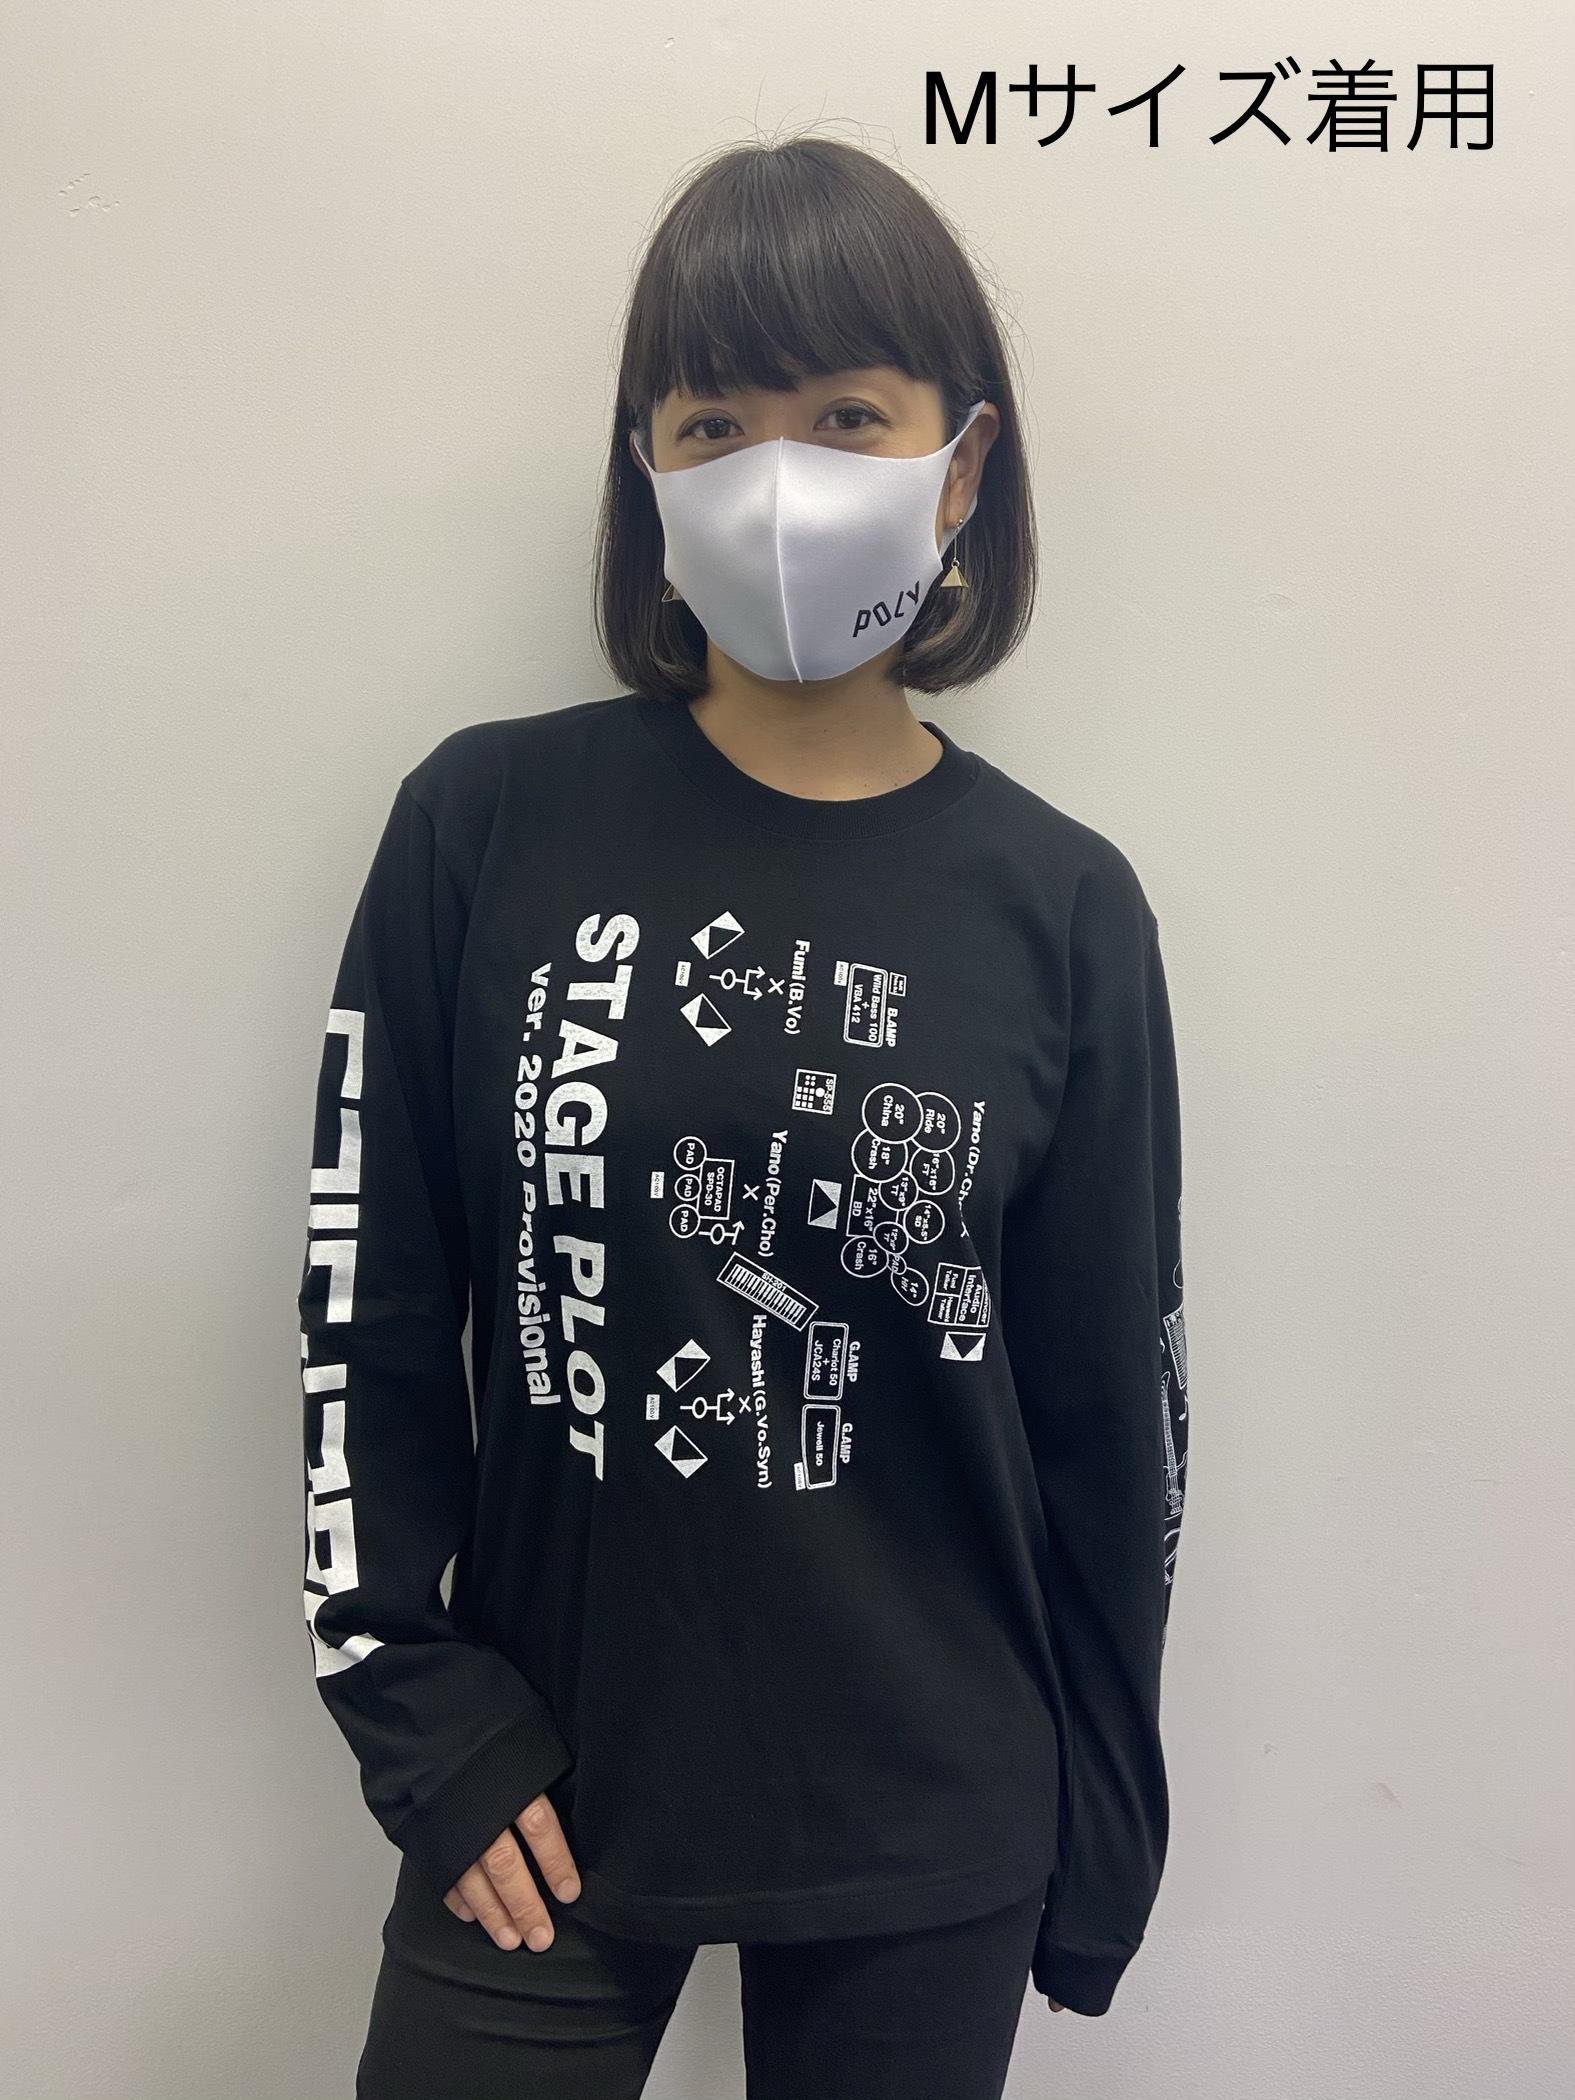 【受注生産】STAGE PLOT Long Sleeve Tee(ブラック)